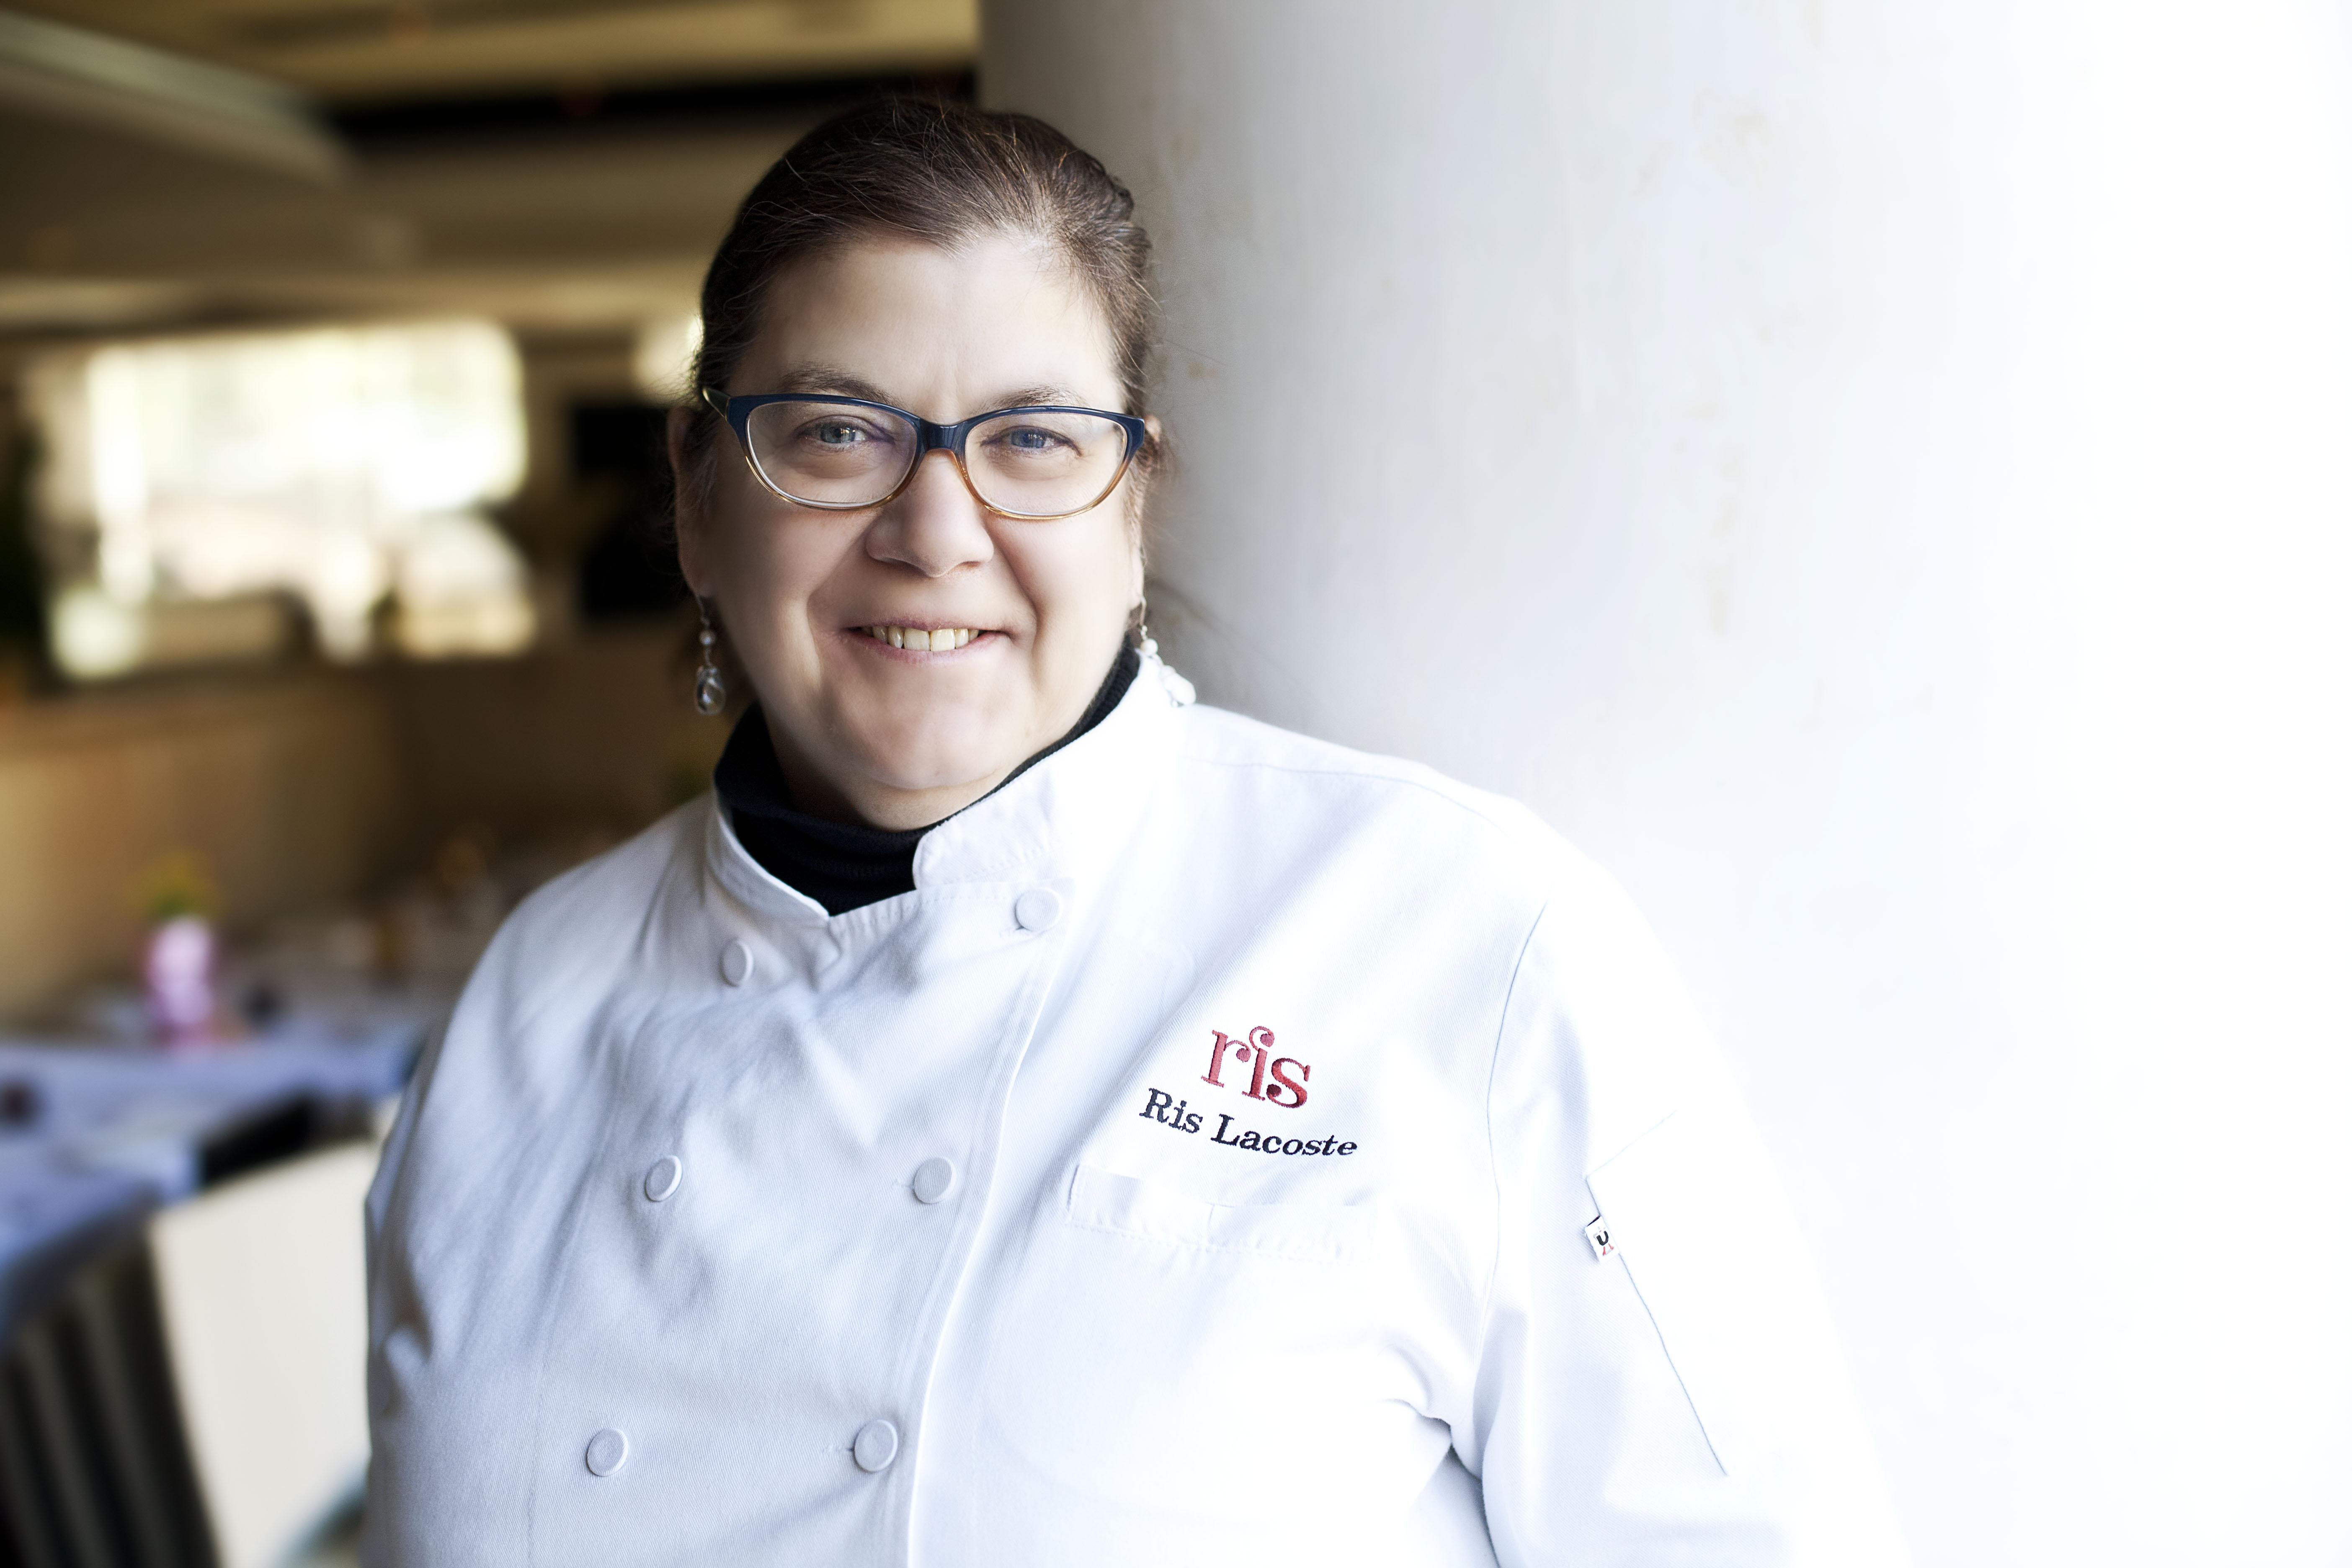 Chef_Ris_Lacoste